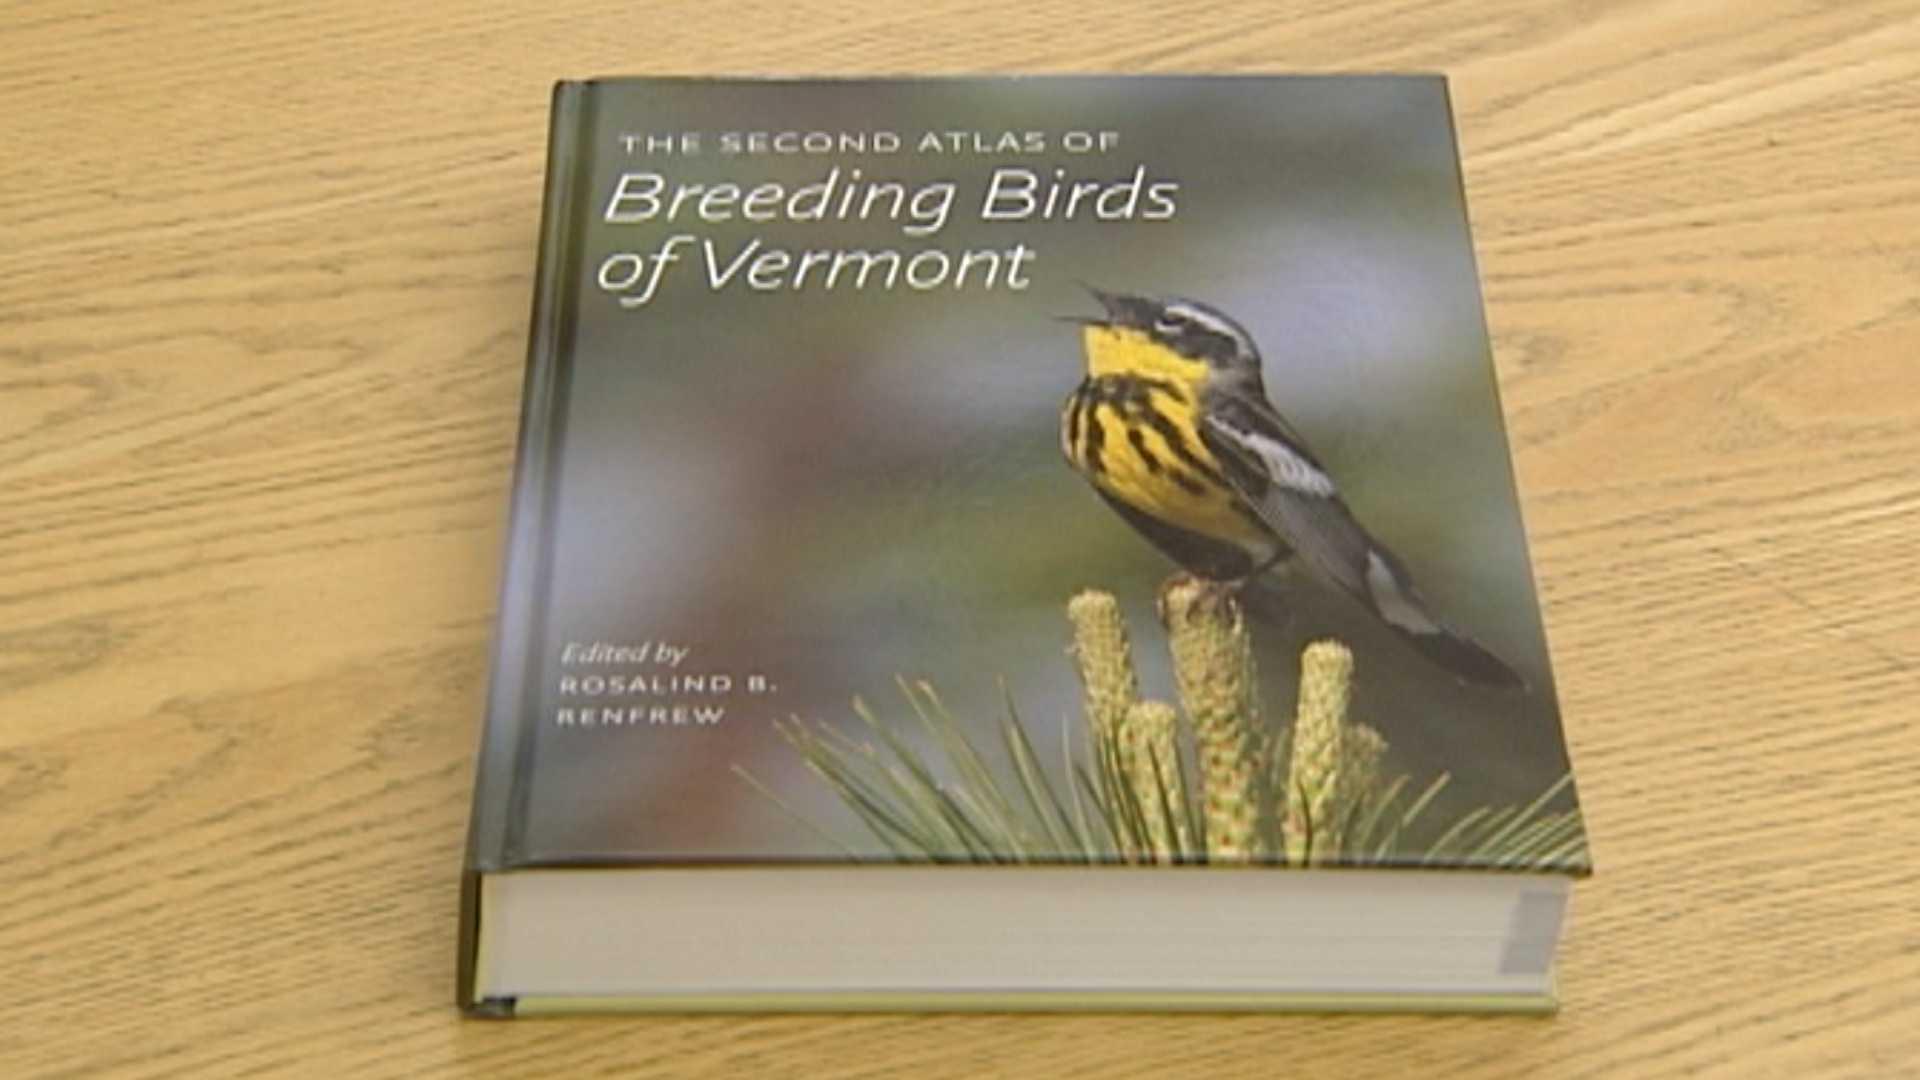 04-03-13 VT Bird Atlas Image